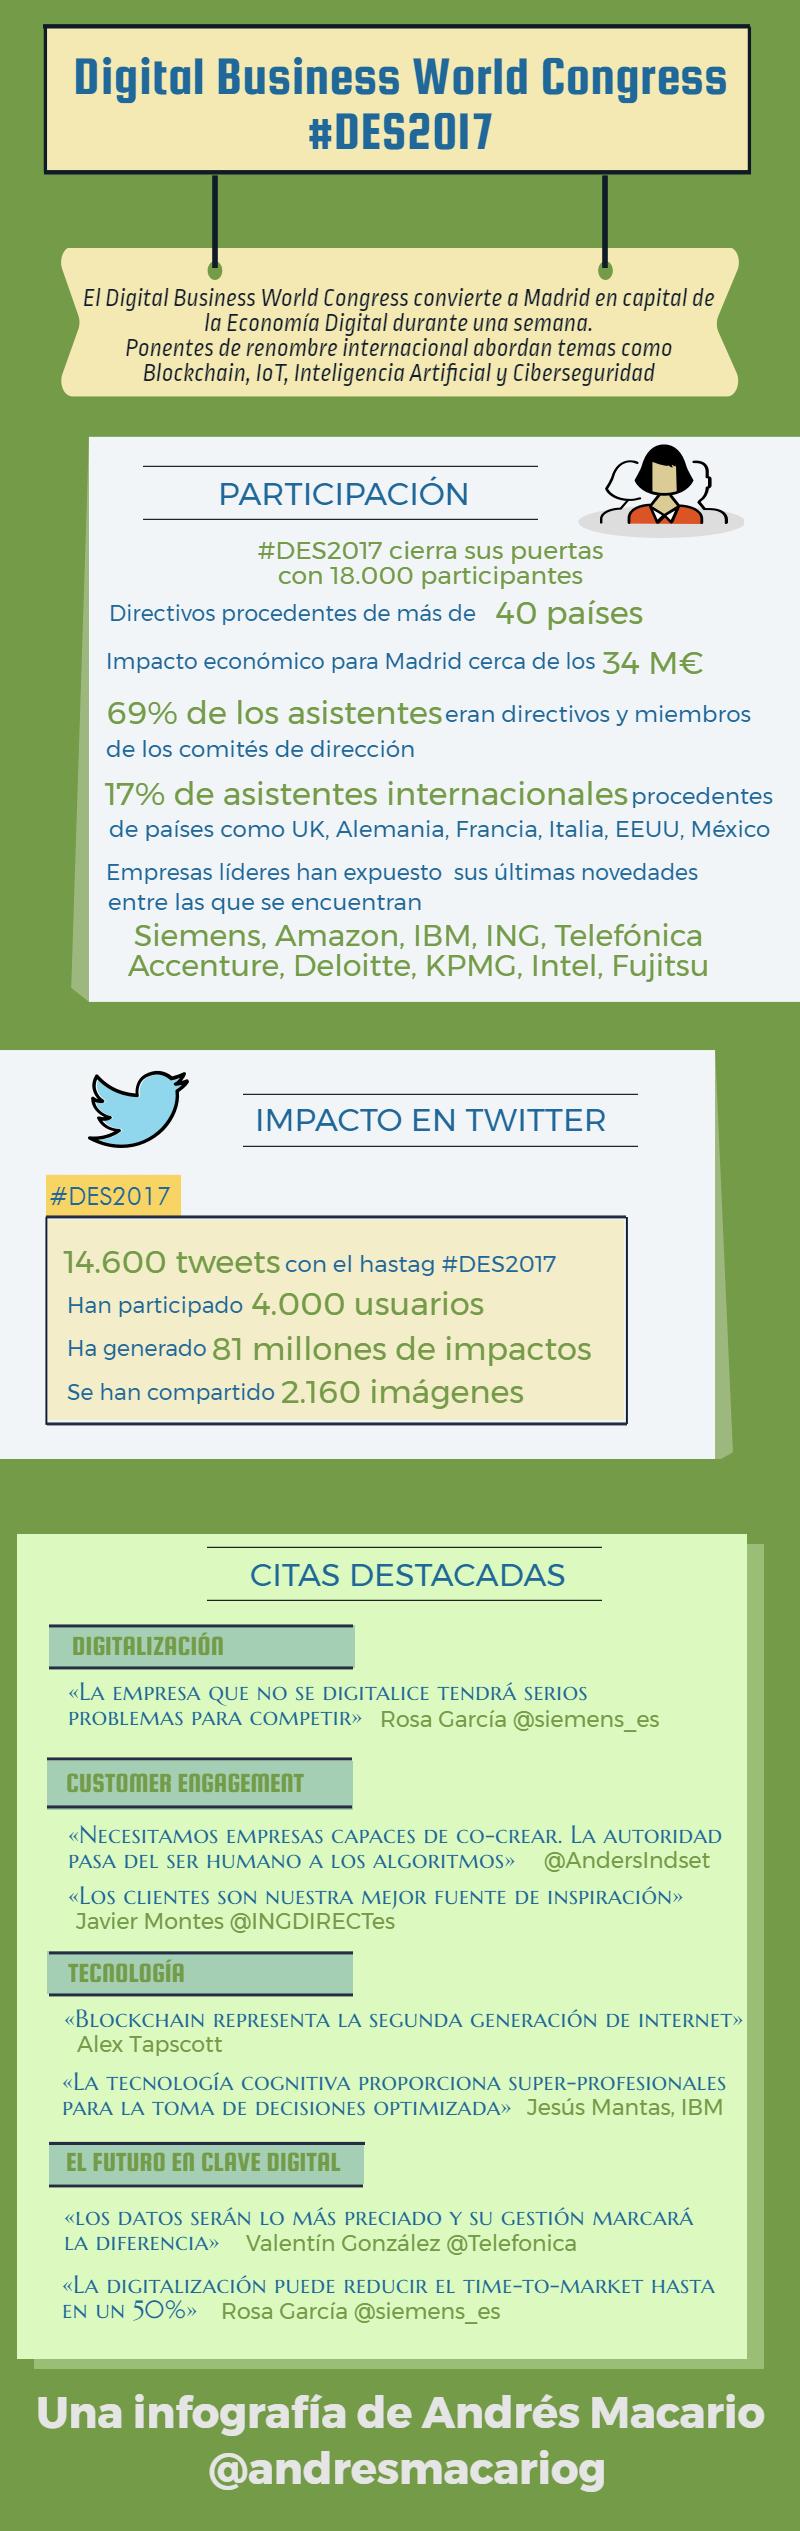 DES2017 centro de la economía digital - Andrés Macario